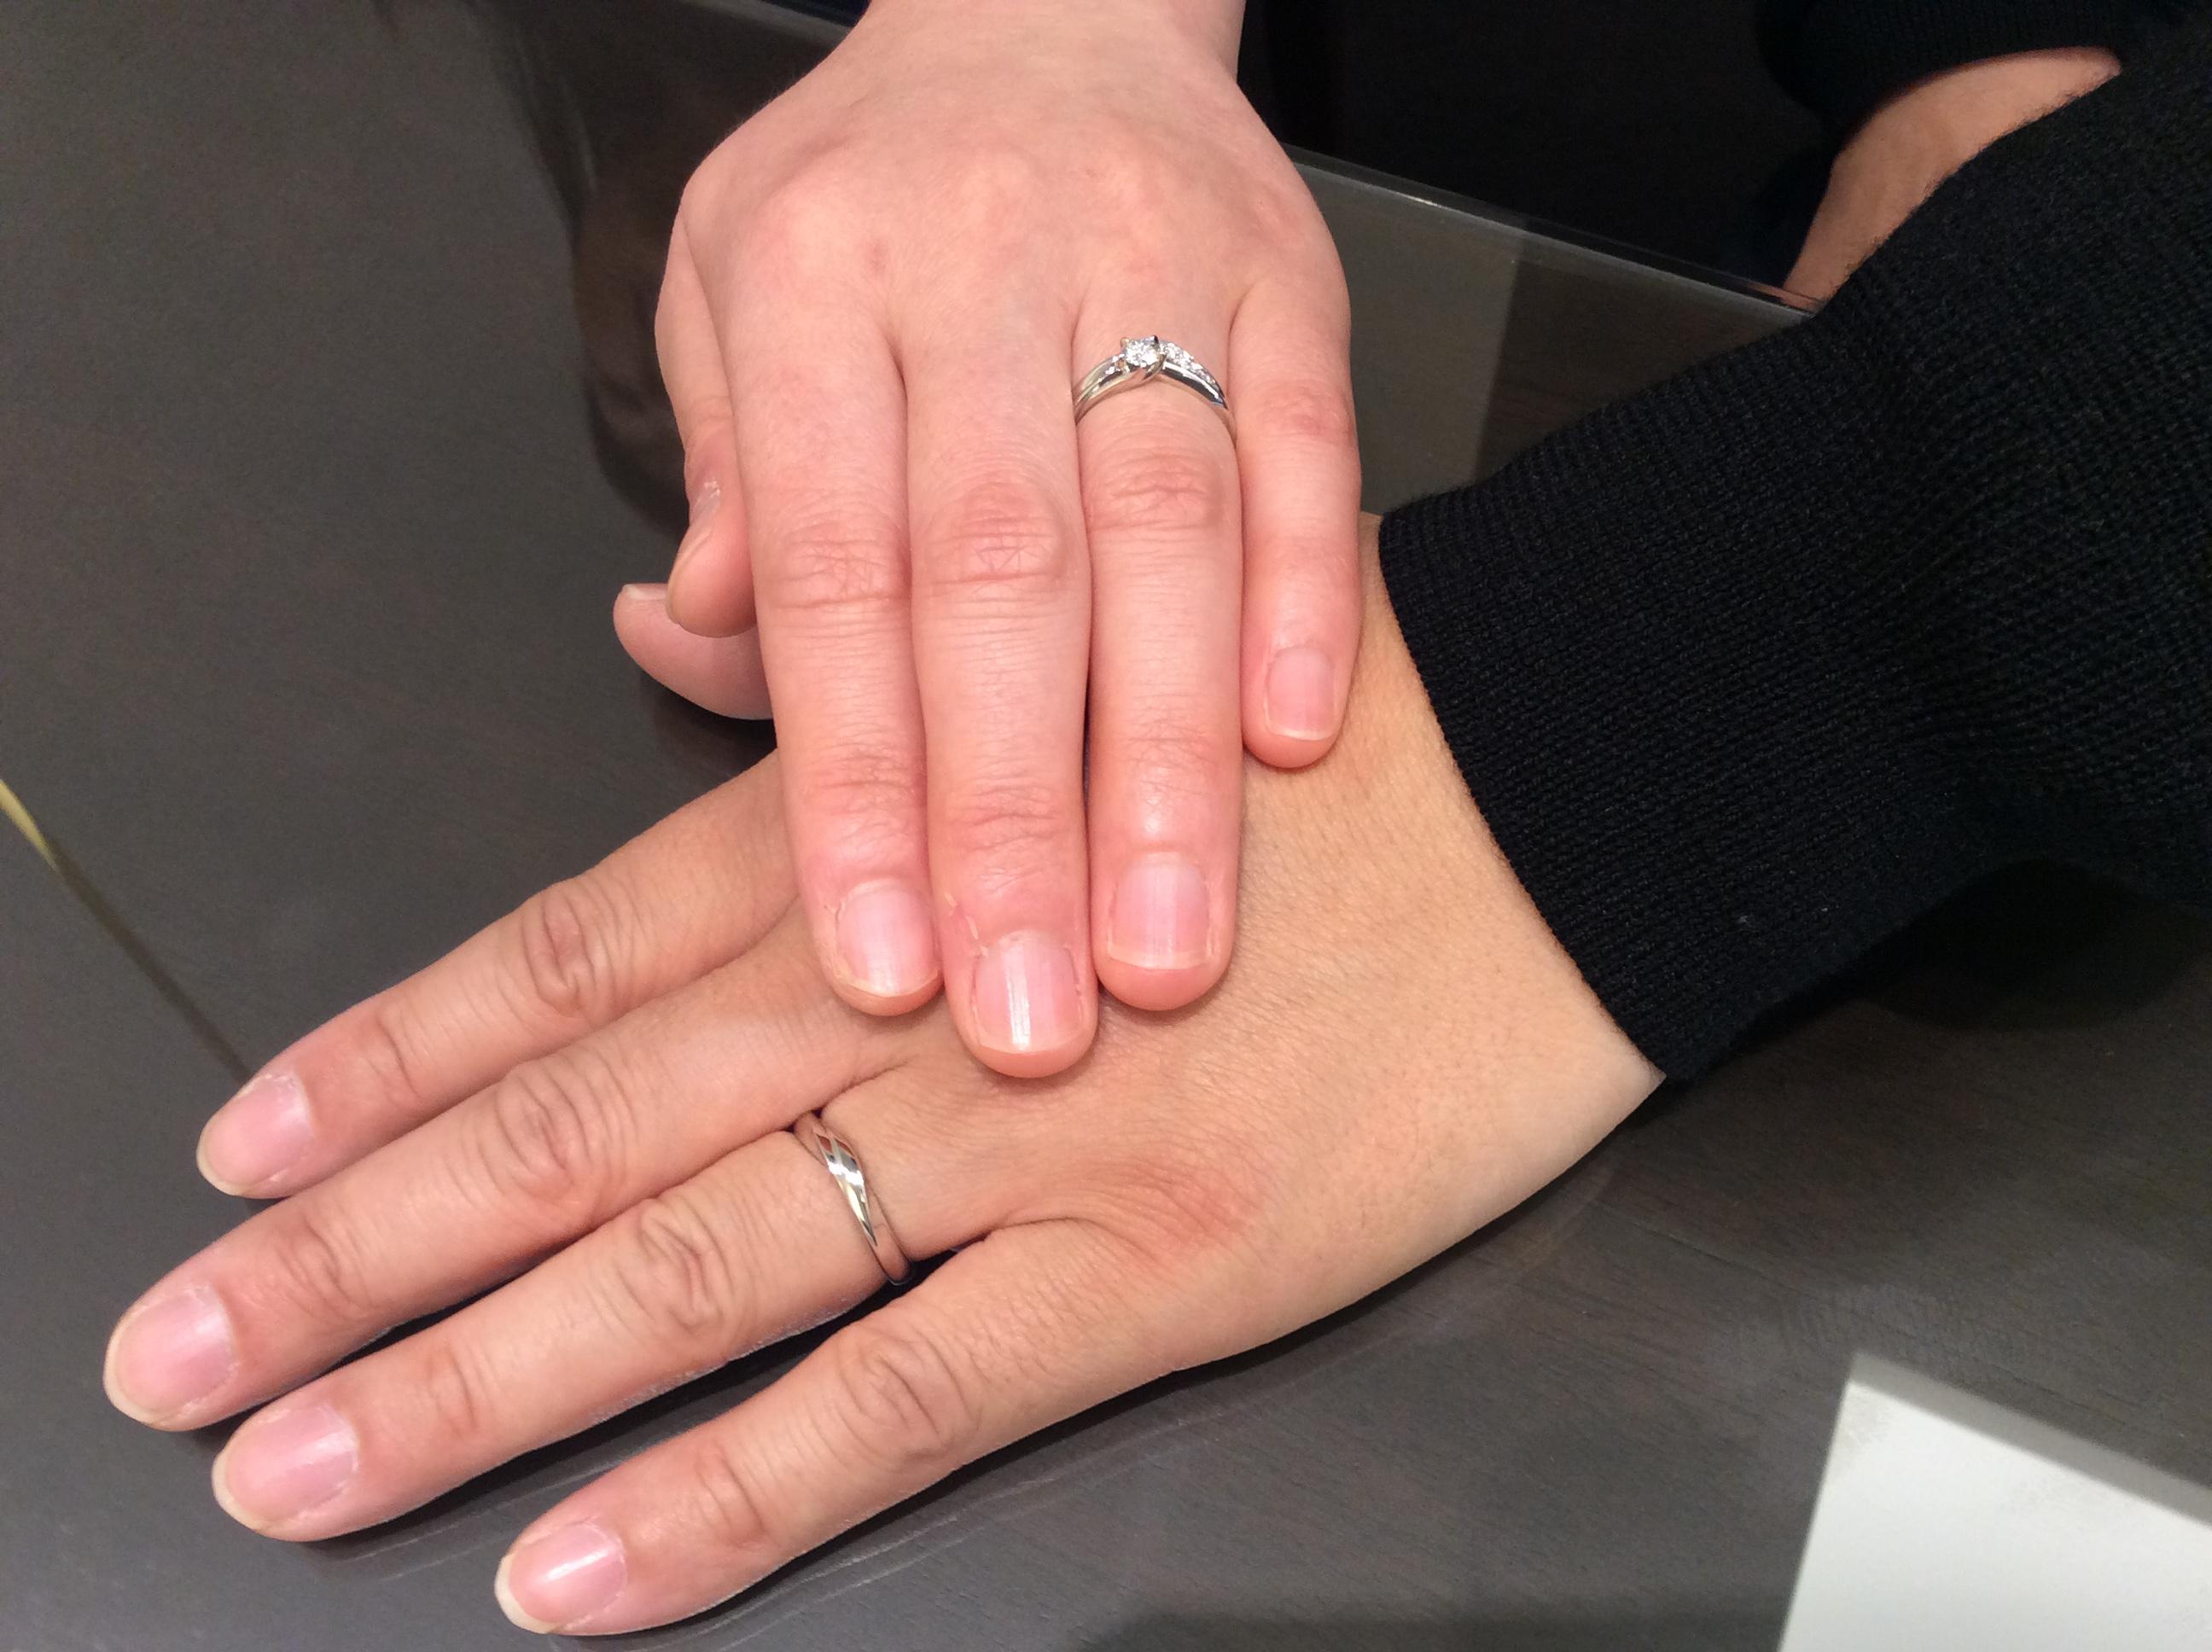 上越・南魚沼ご出身 K・Aカップル様 婚約指輪と結婚指輪は俄(にわか)初桜(ういざくら)のプラチナリング ホワイトダイヤアレンジご成約